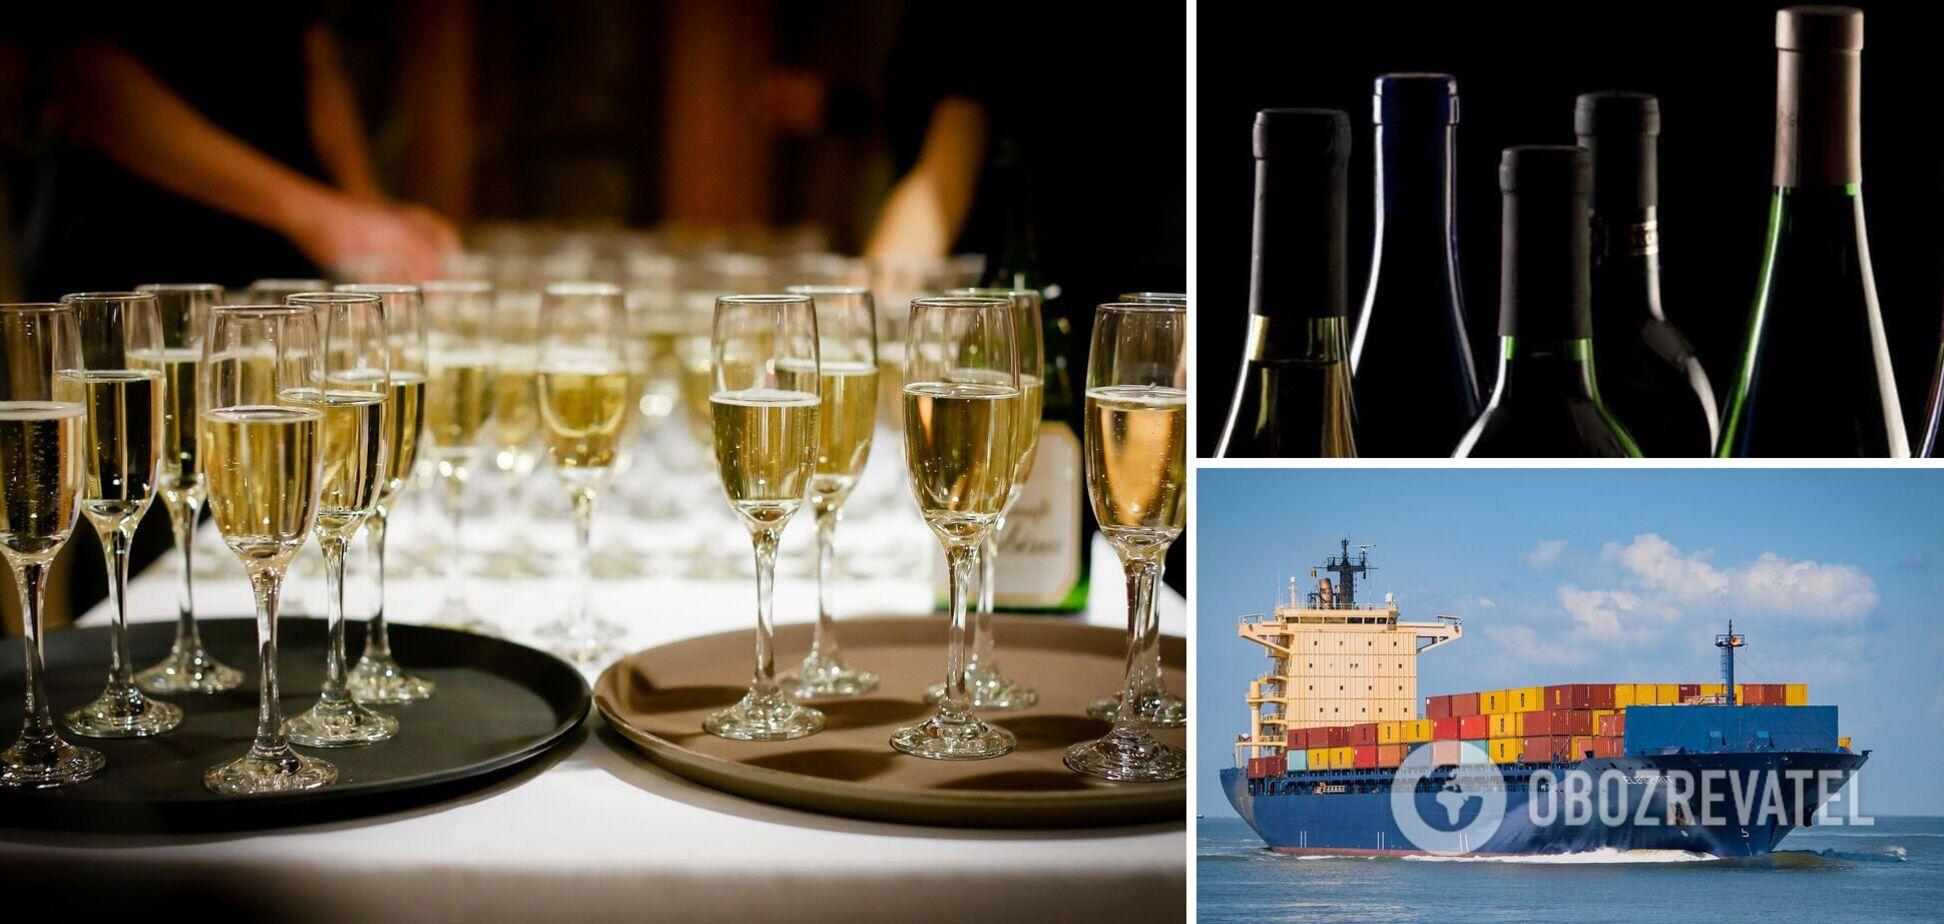 Эксперты предупредили о дефиците вина и шампанского в мире